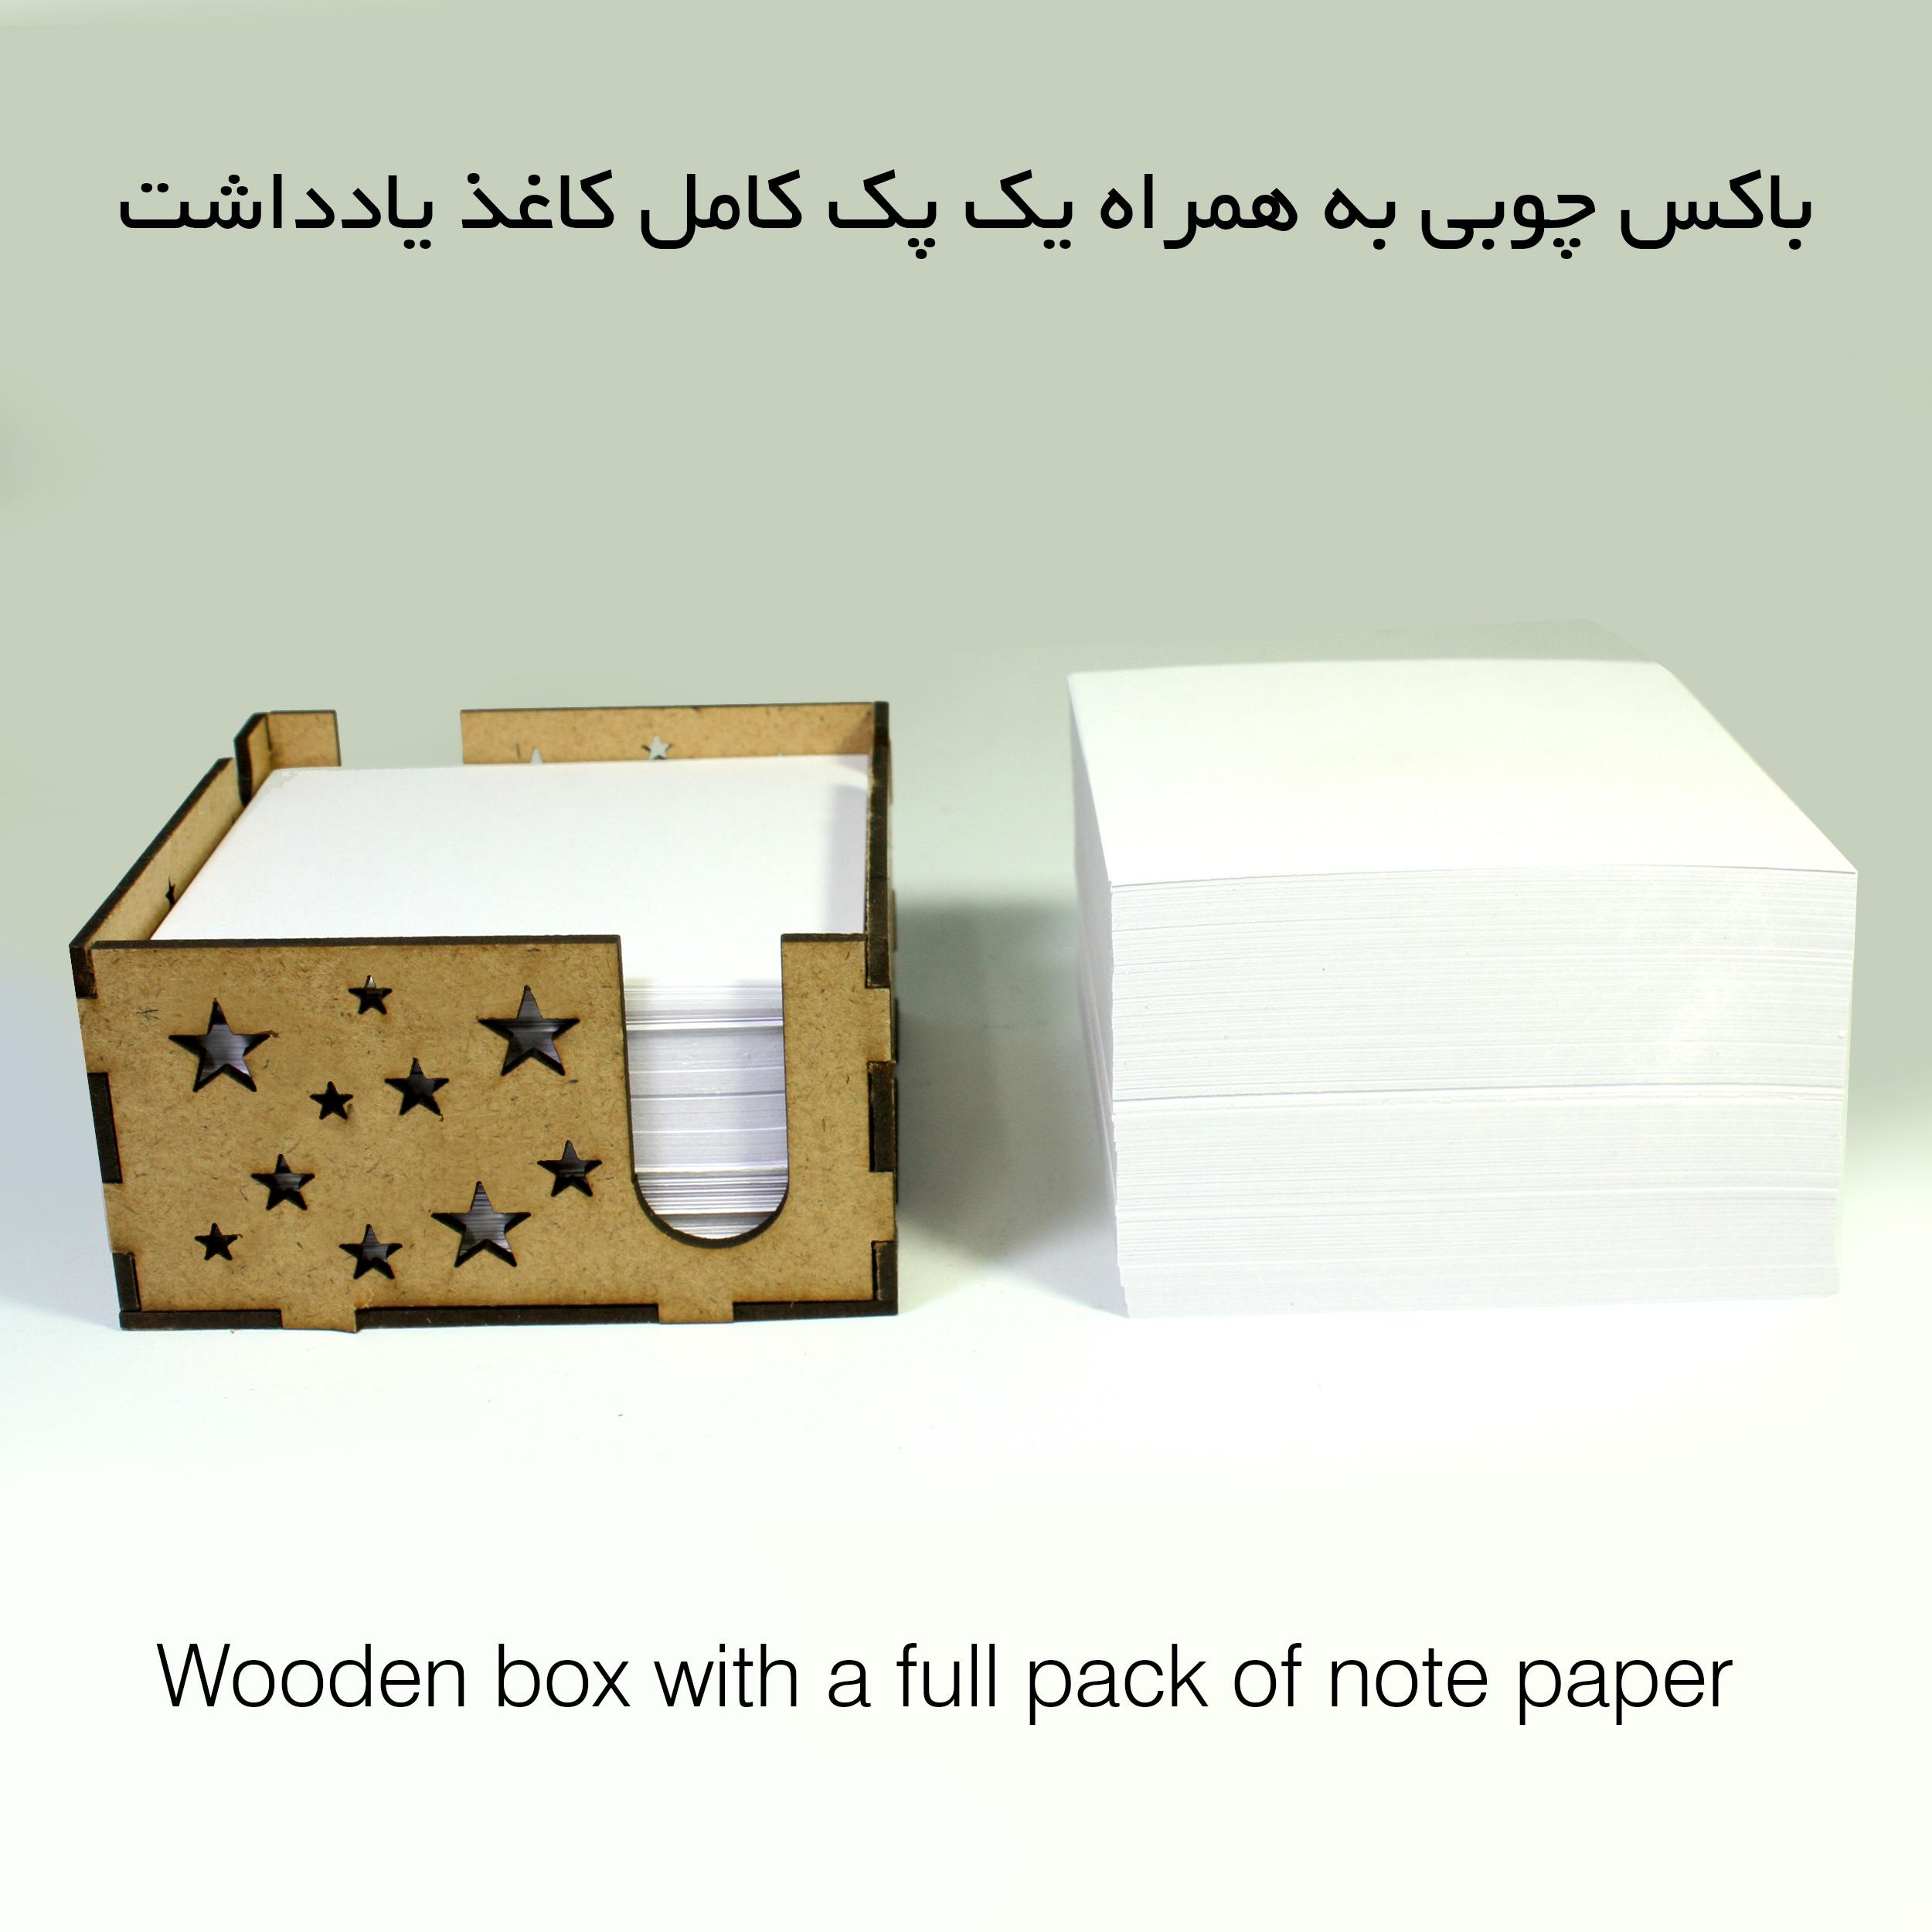 جای کاغذ یادداشت FG کد 1412 همراه با کاغذ